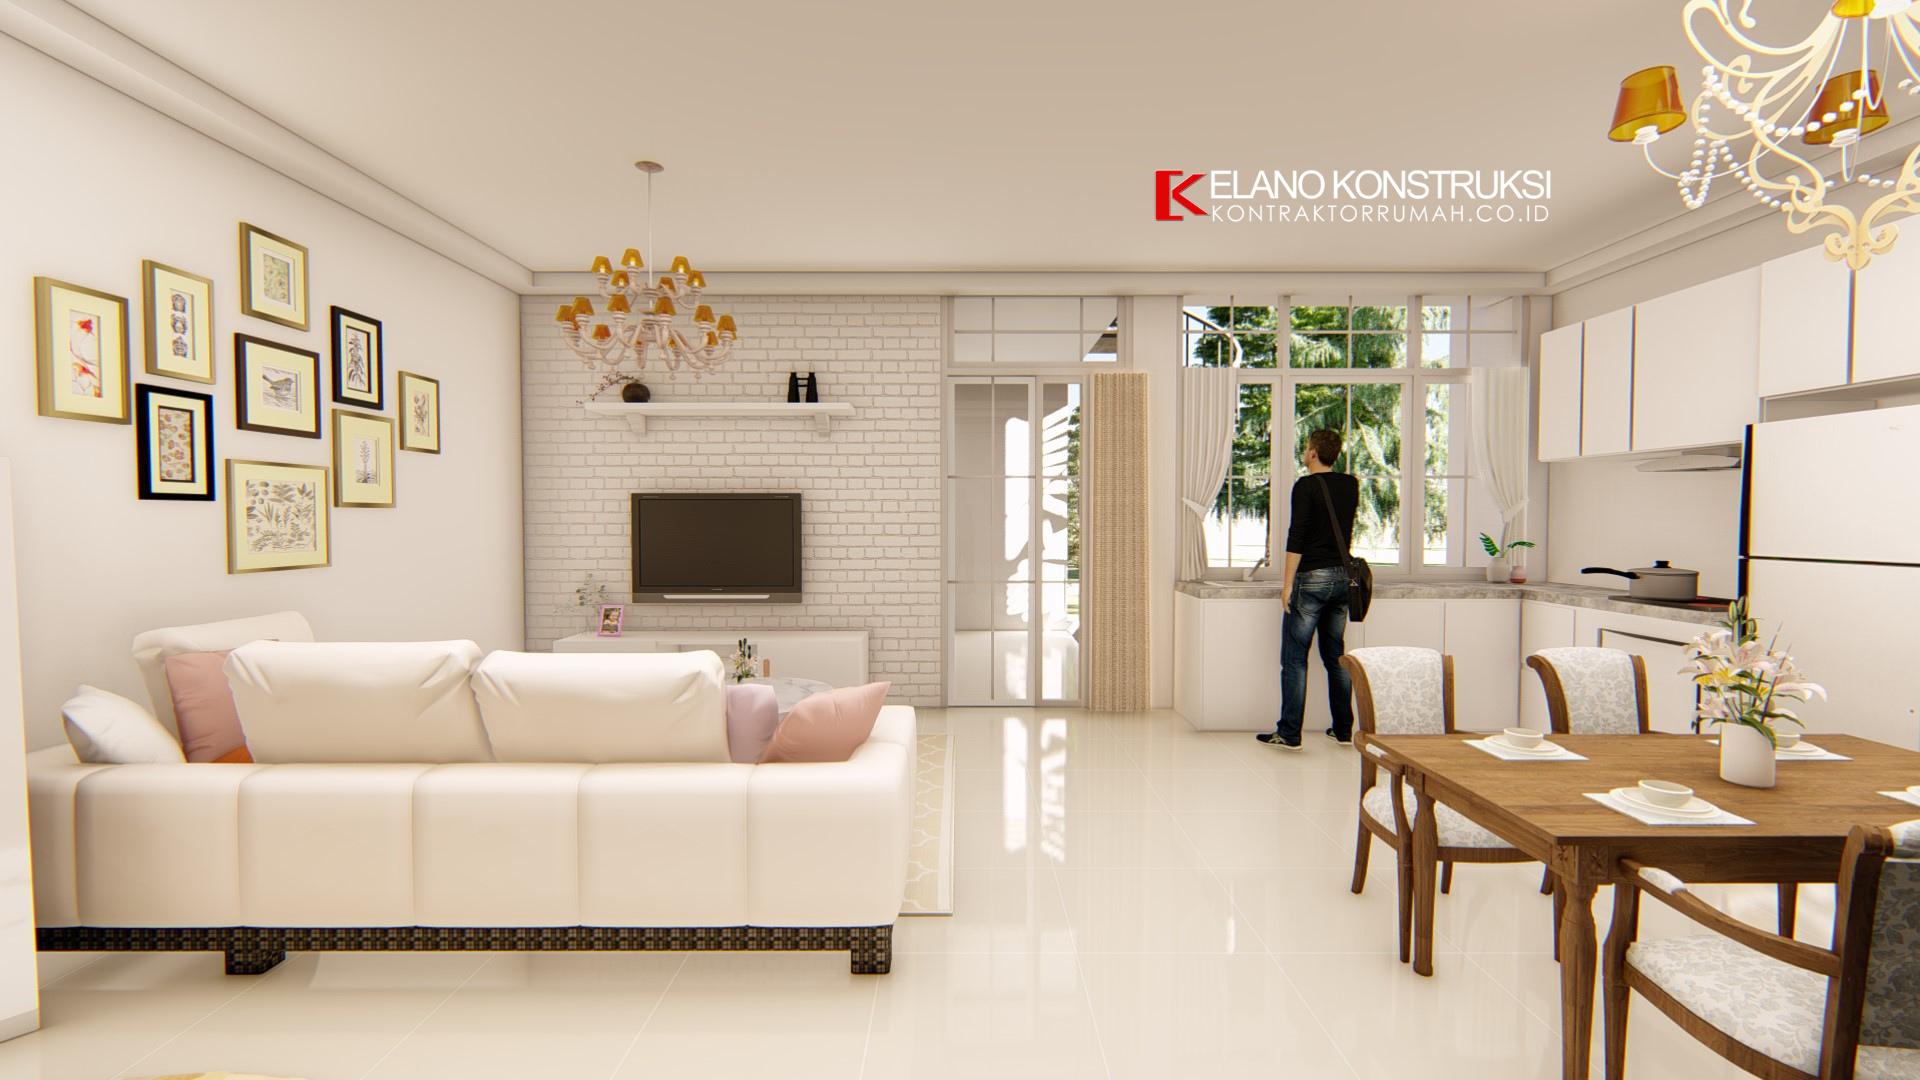 Untitled design 13 1 - Desain Interior Rumah shabby chic Bapak Wawan 250 M2 Depok